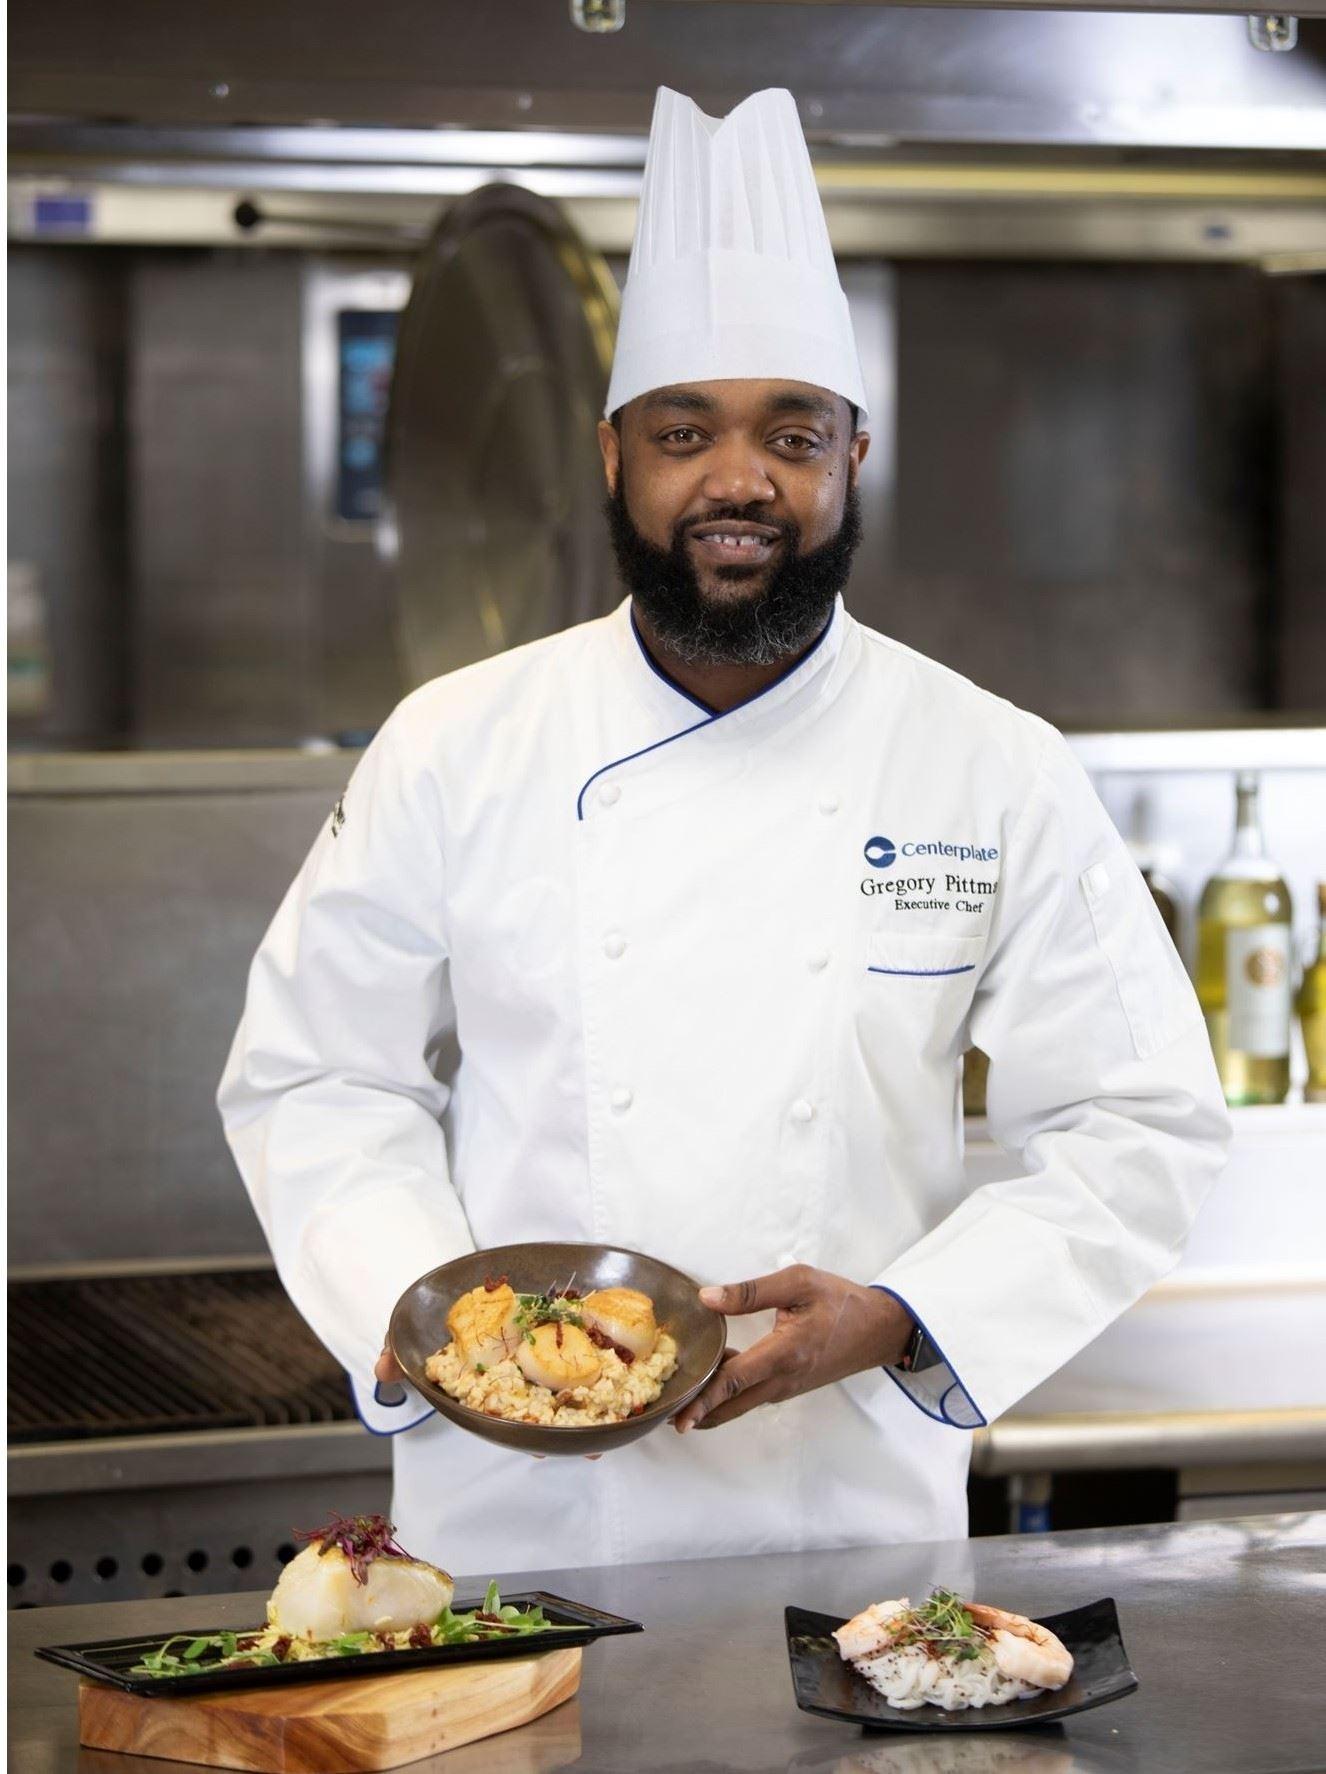 Gregory Pittman, Executive Chef